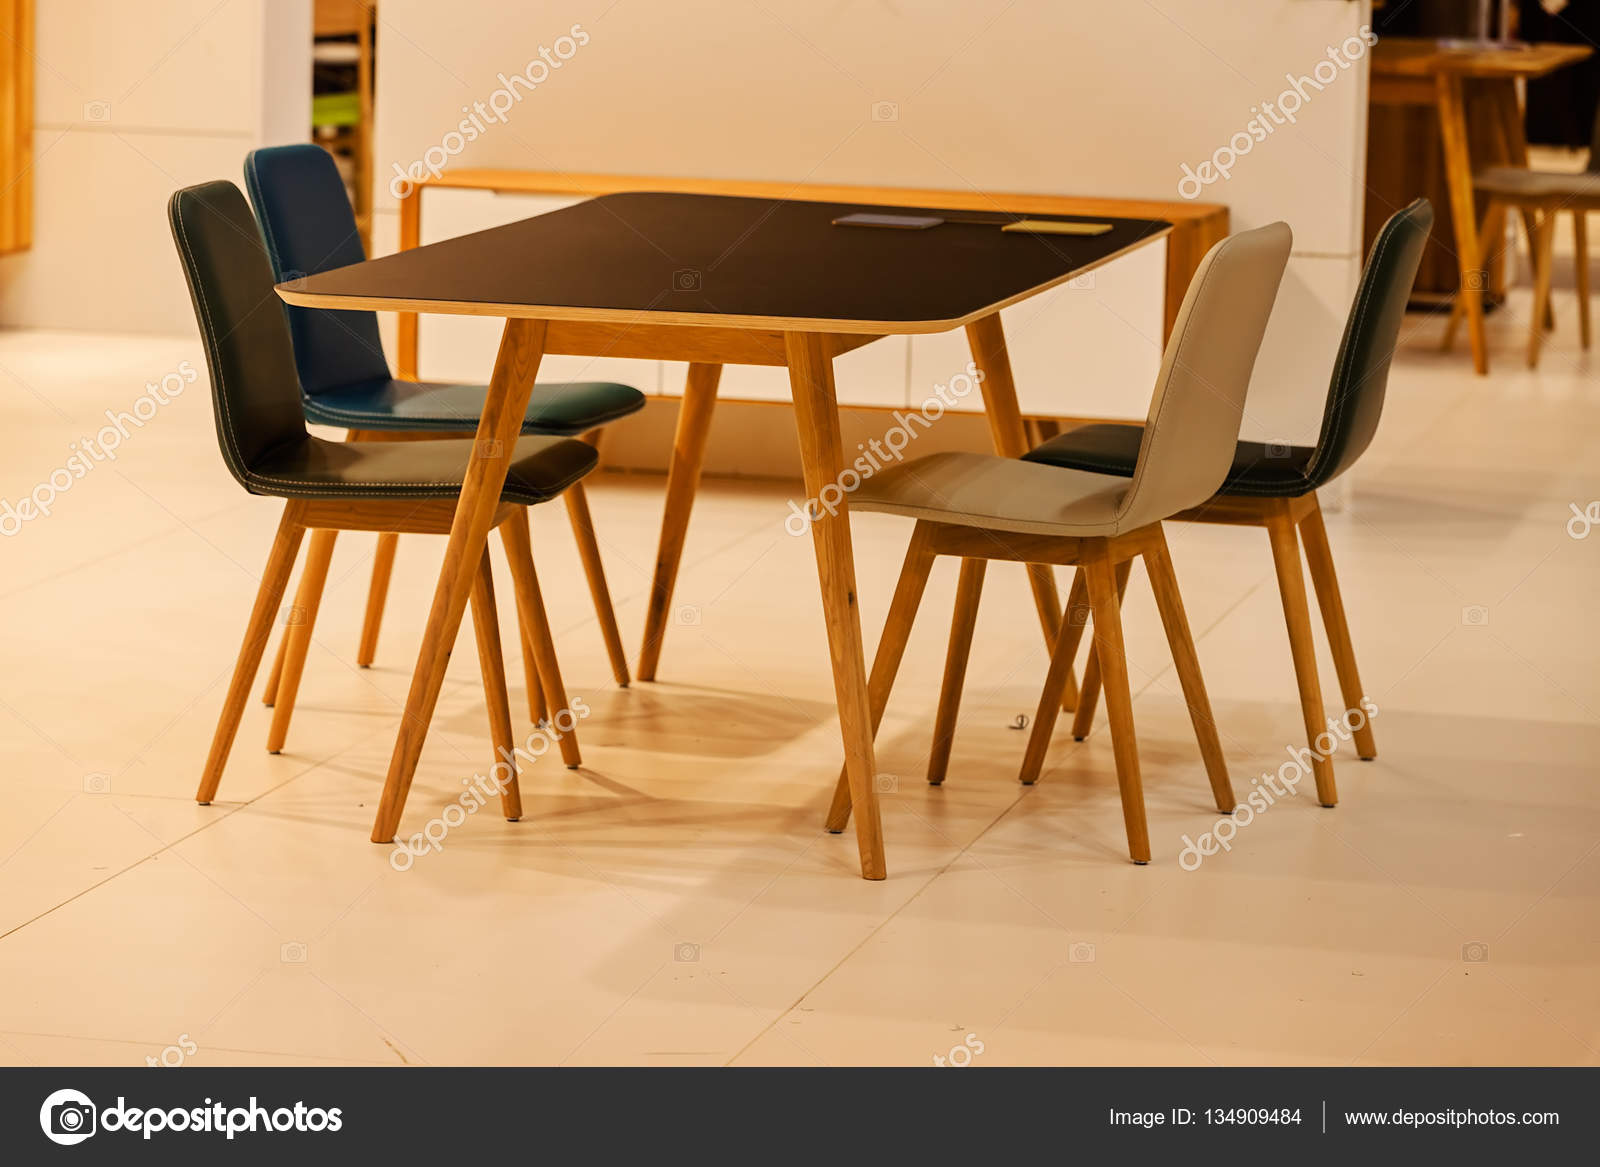 Modello di sedia da cucina foto stock vladimirnenezic for Modelli sedie cucina